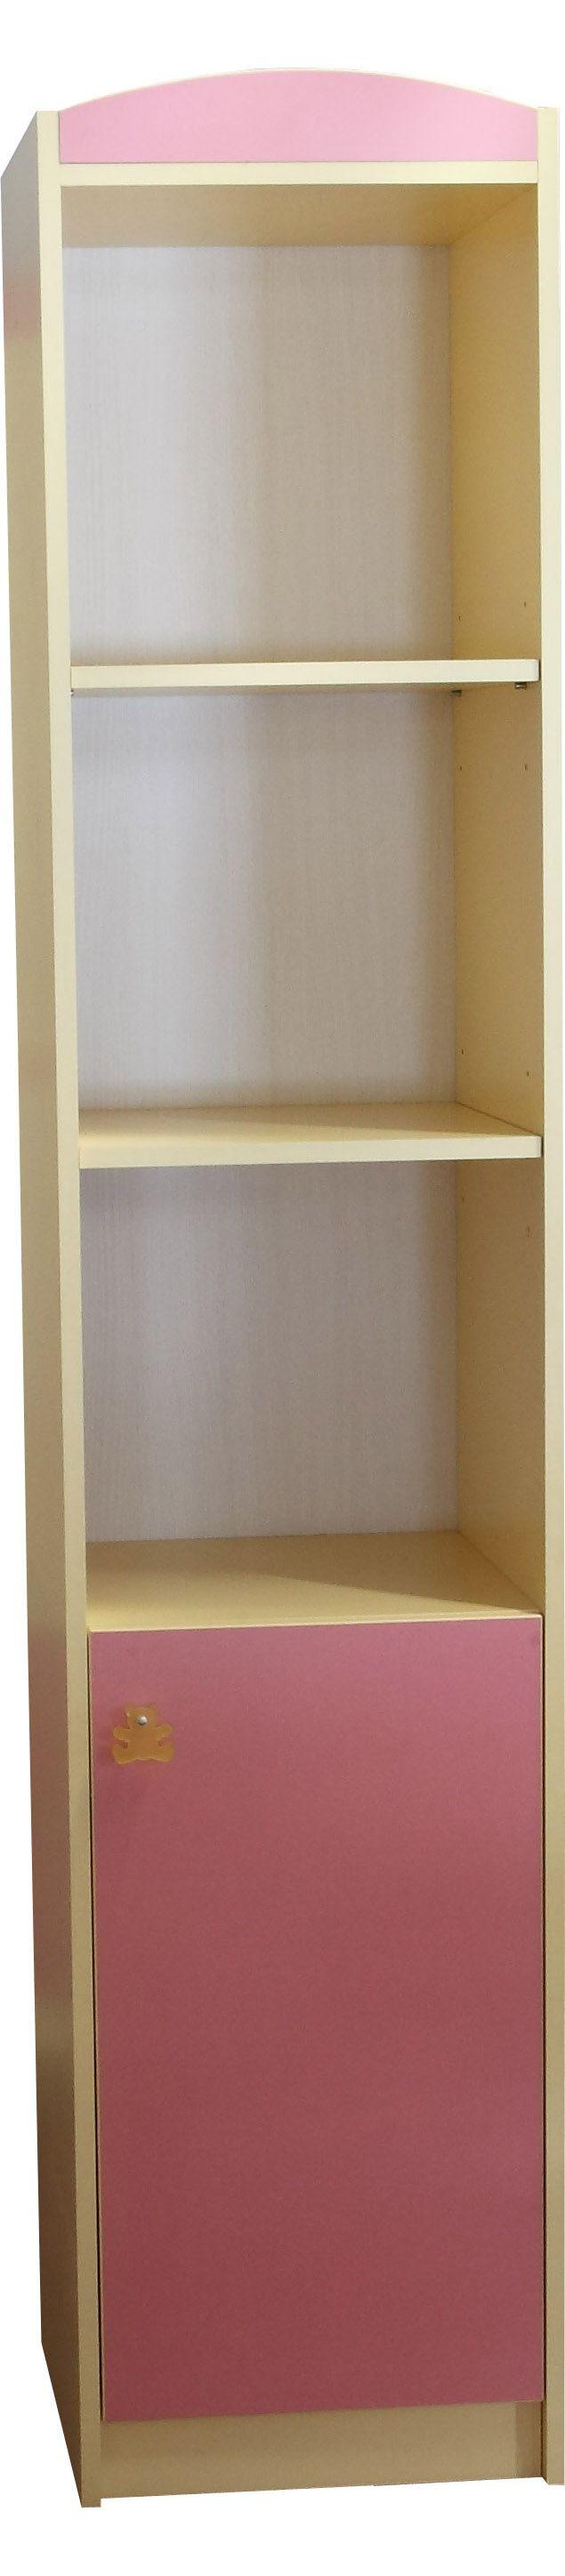 Шкаф книжный (модуль №6) РАДУГА (Желтый+розовый)